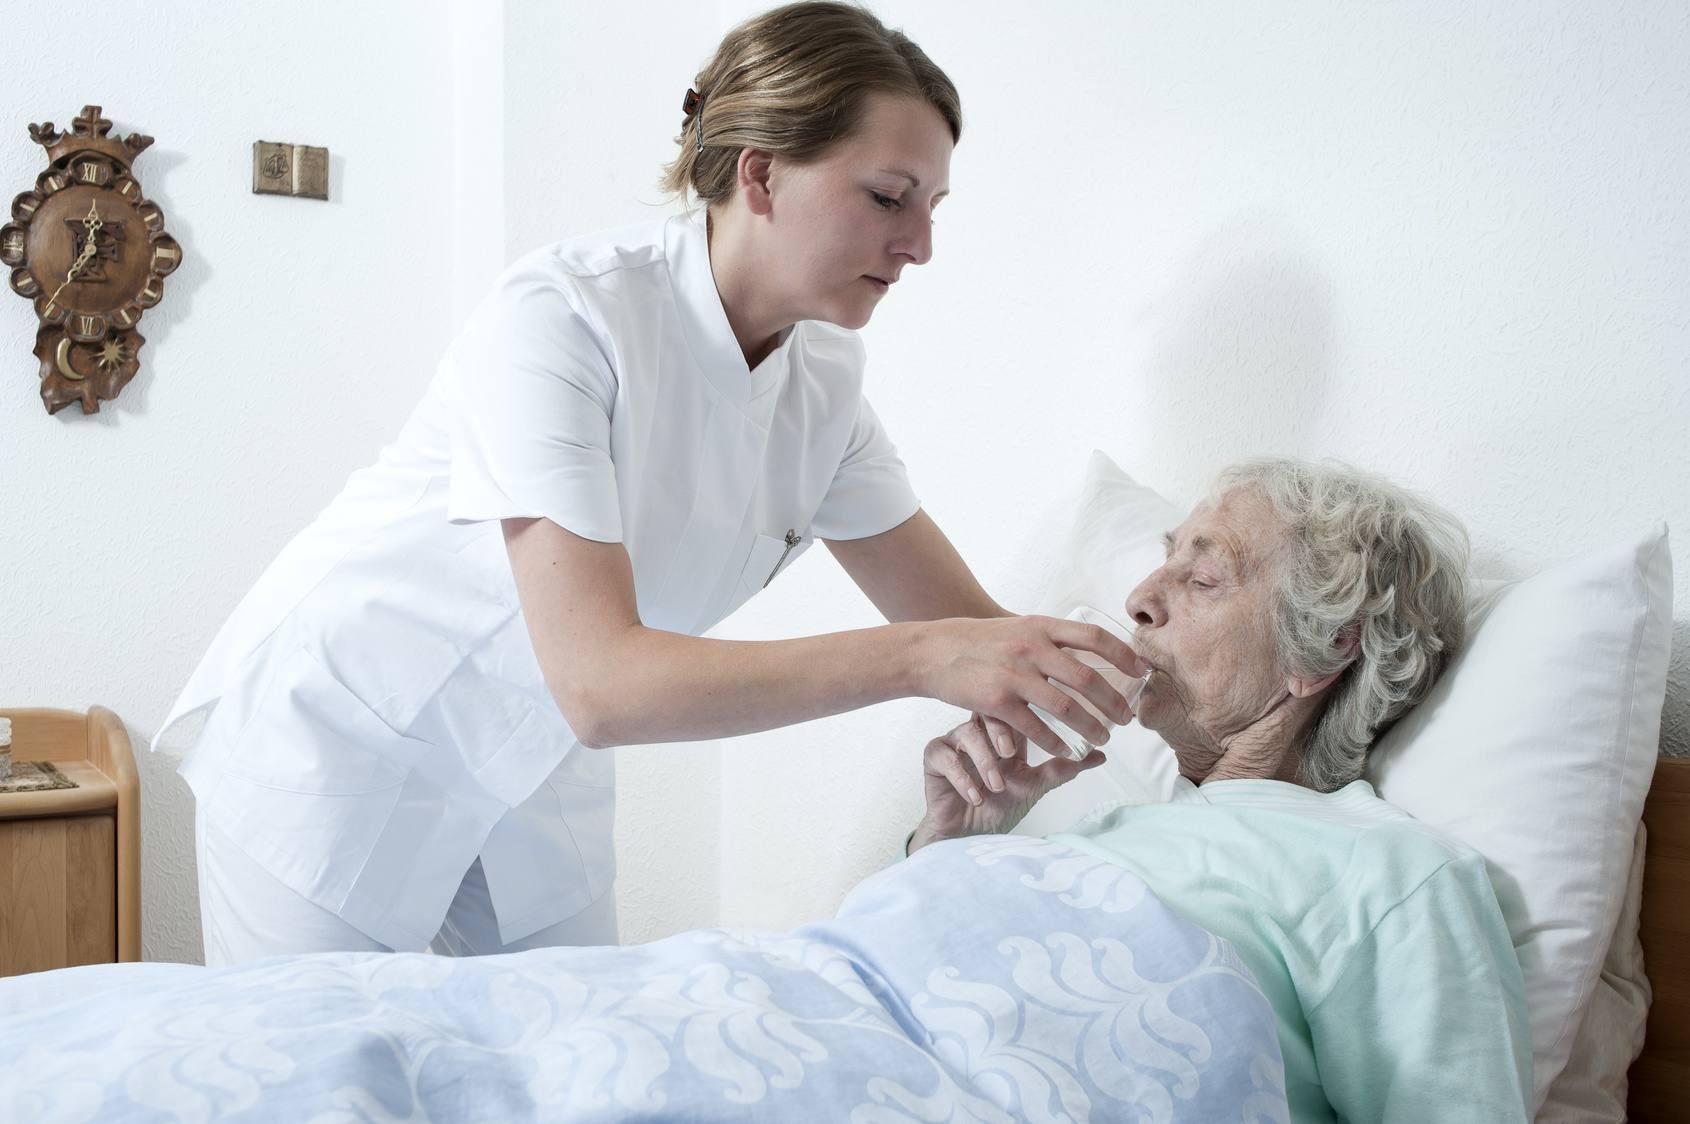 Günstiges, höhenverstellbares Pflege-Bett, günstige Anti-Dekubitus-Matratze, Günstig im Pflege-Discount Gelnhausen erhältlich.